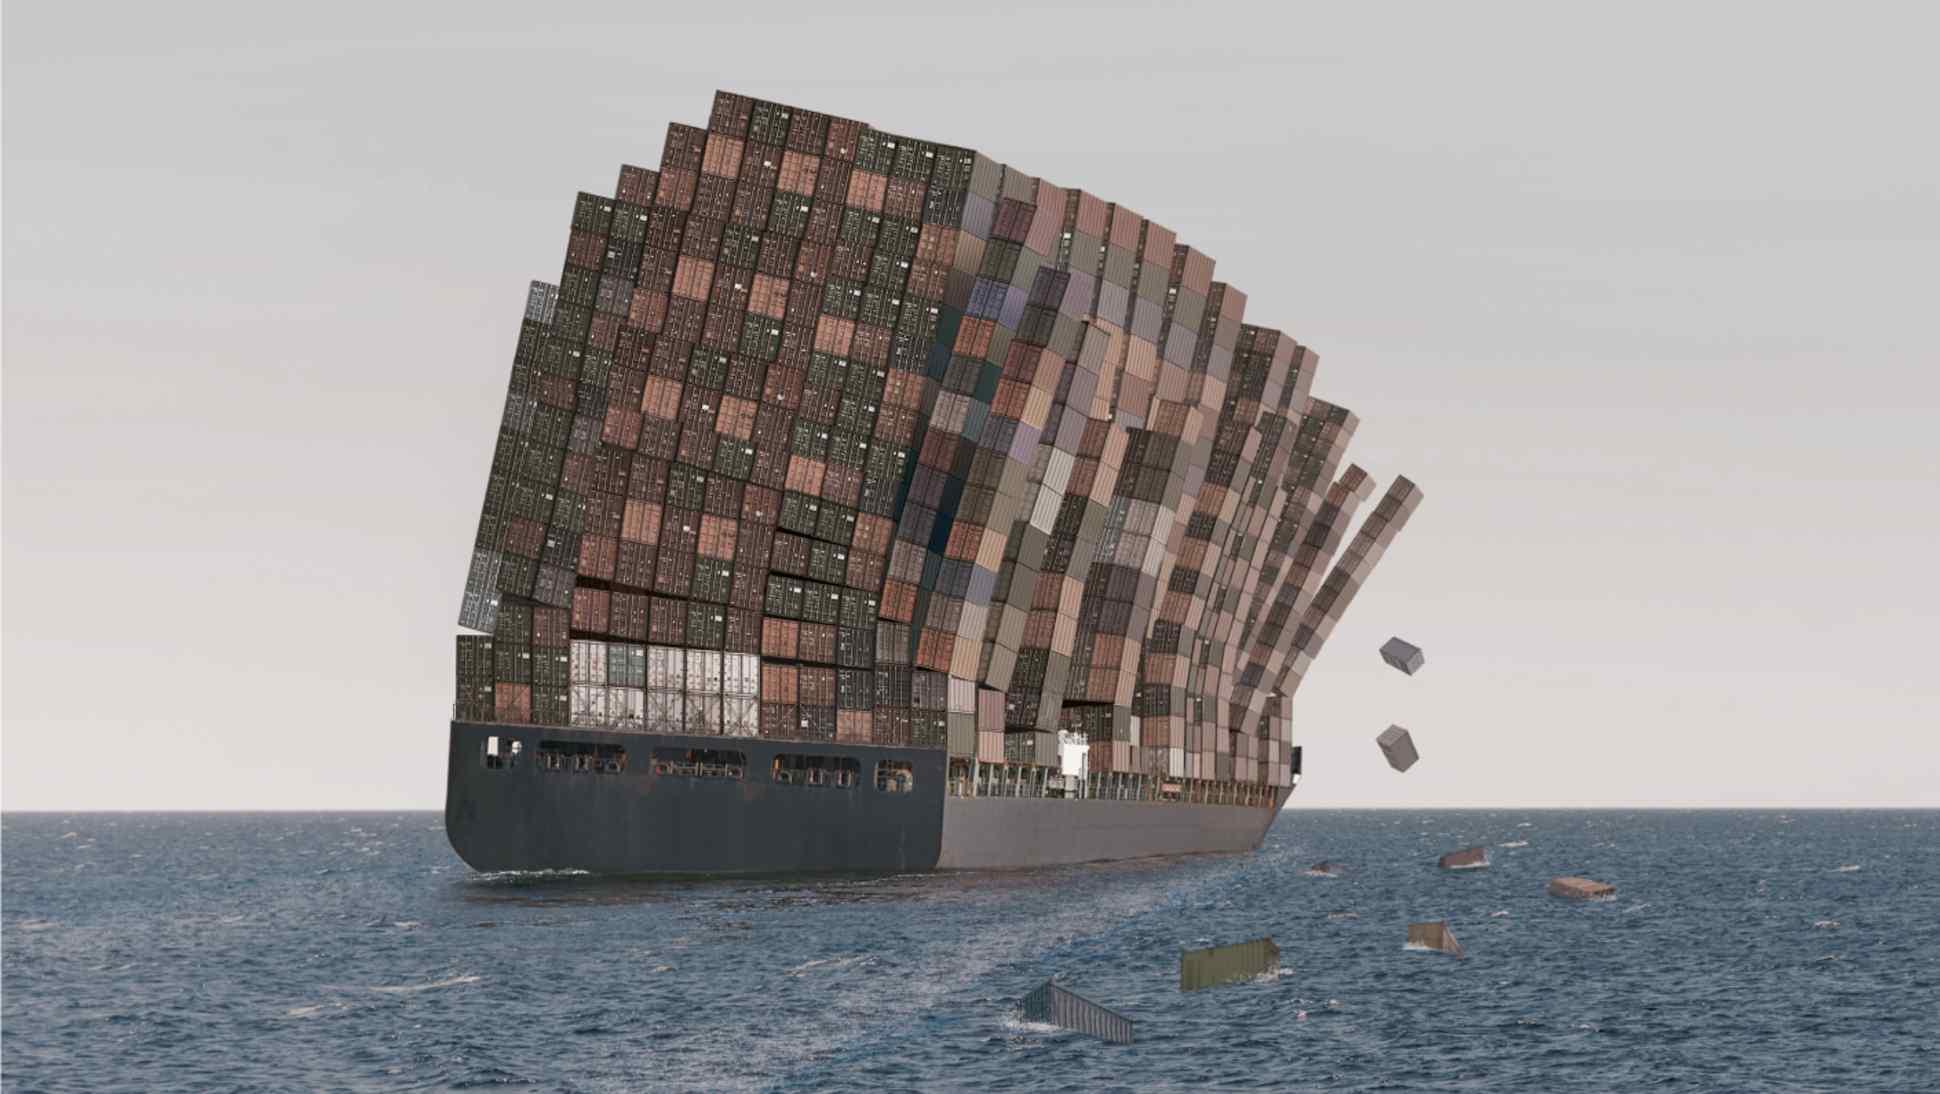 Hỗn loạn trên biển : Phong tỏa bởi Covid-19 làm vận tải quốc tế mắc cạn, thuyền viên bí  bách, tự sát nhưng khi nhu cầu bùng nổ khiến tàu biển và container thiếu hụt trầm trọng, giá cả đội lên gấp bội - Ảnh 1.